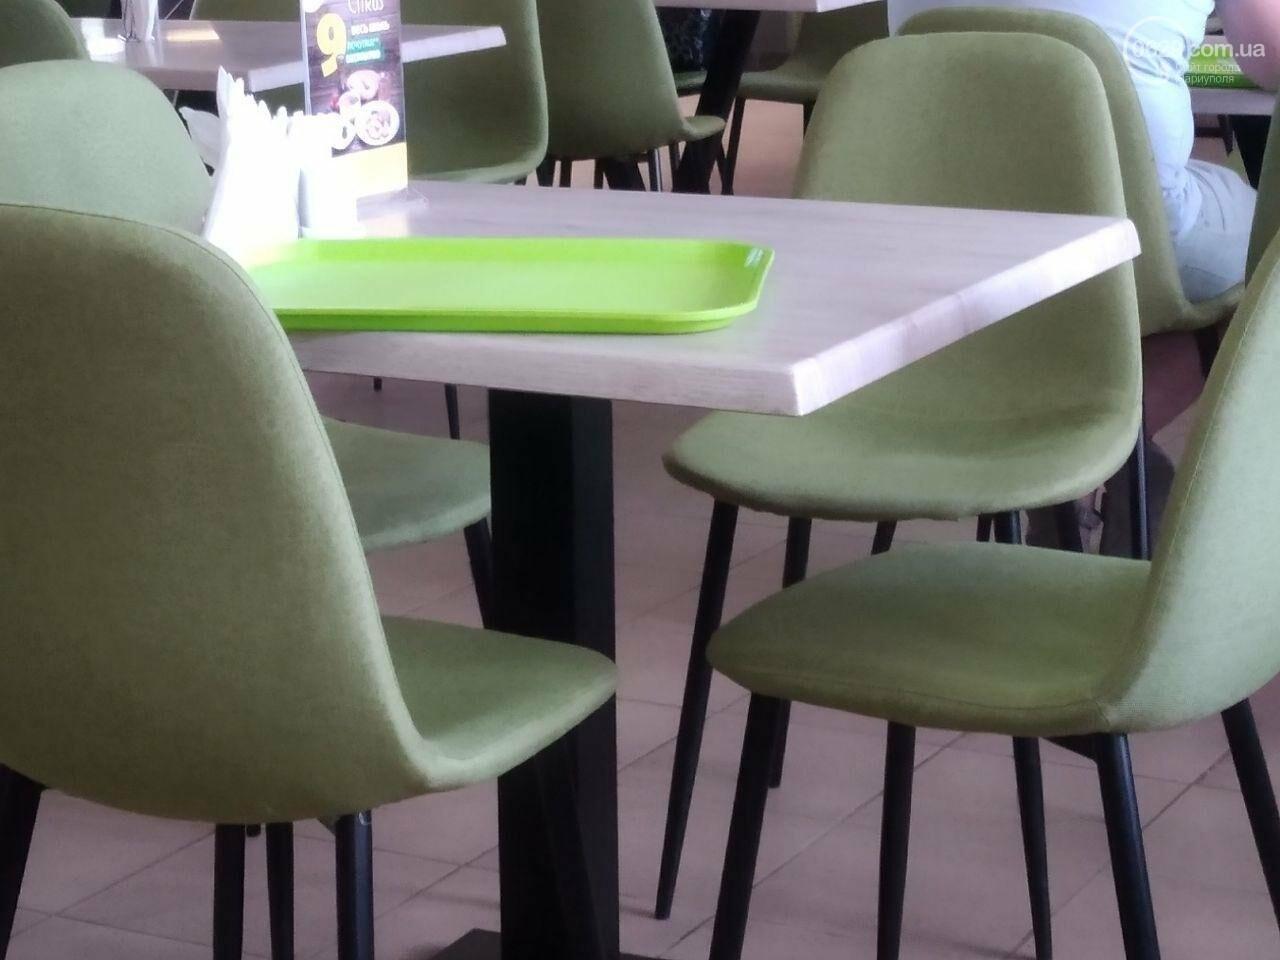 Тайный покупатель проверил кафе домашней кухни Citrus в Мариуполе, - ФОТО, фото-2